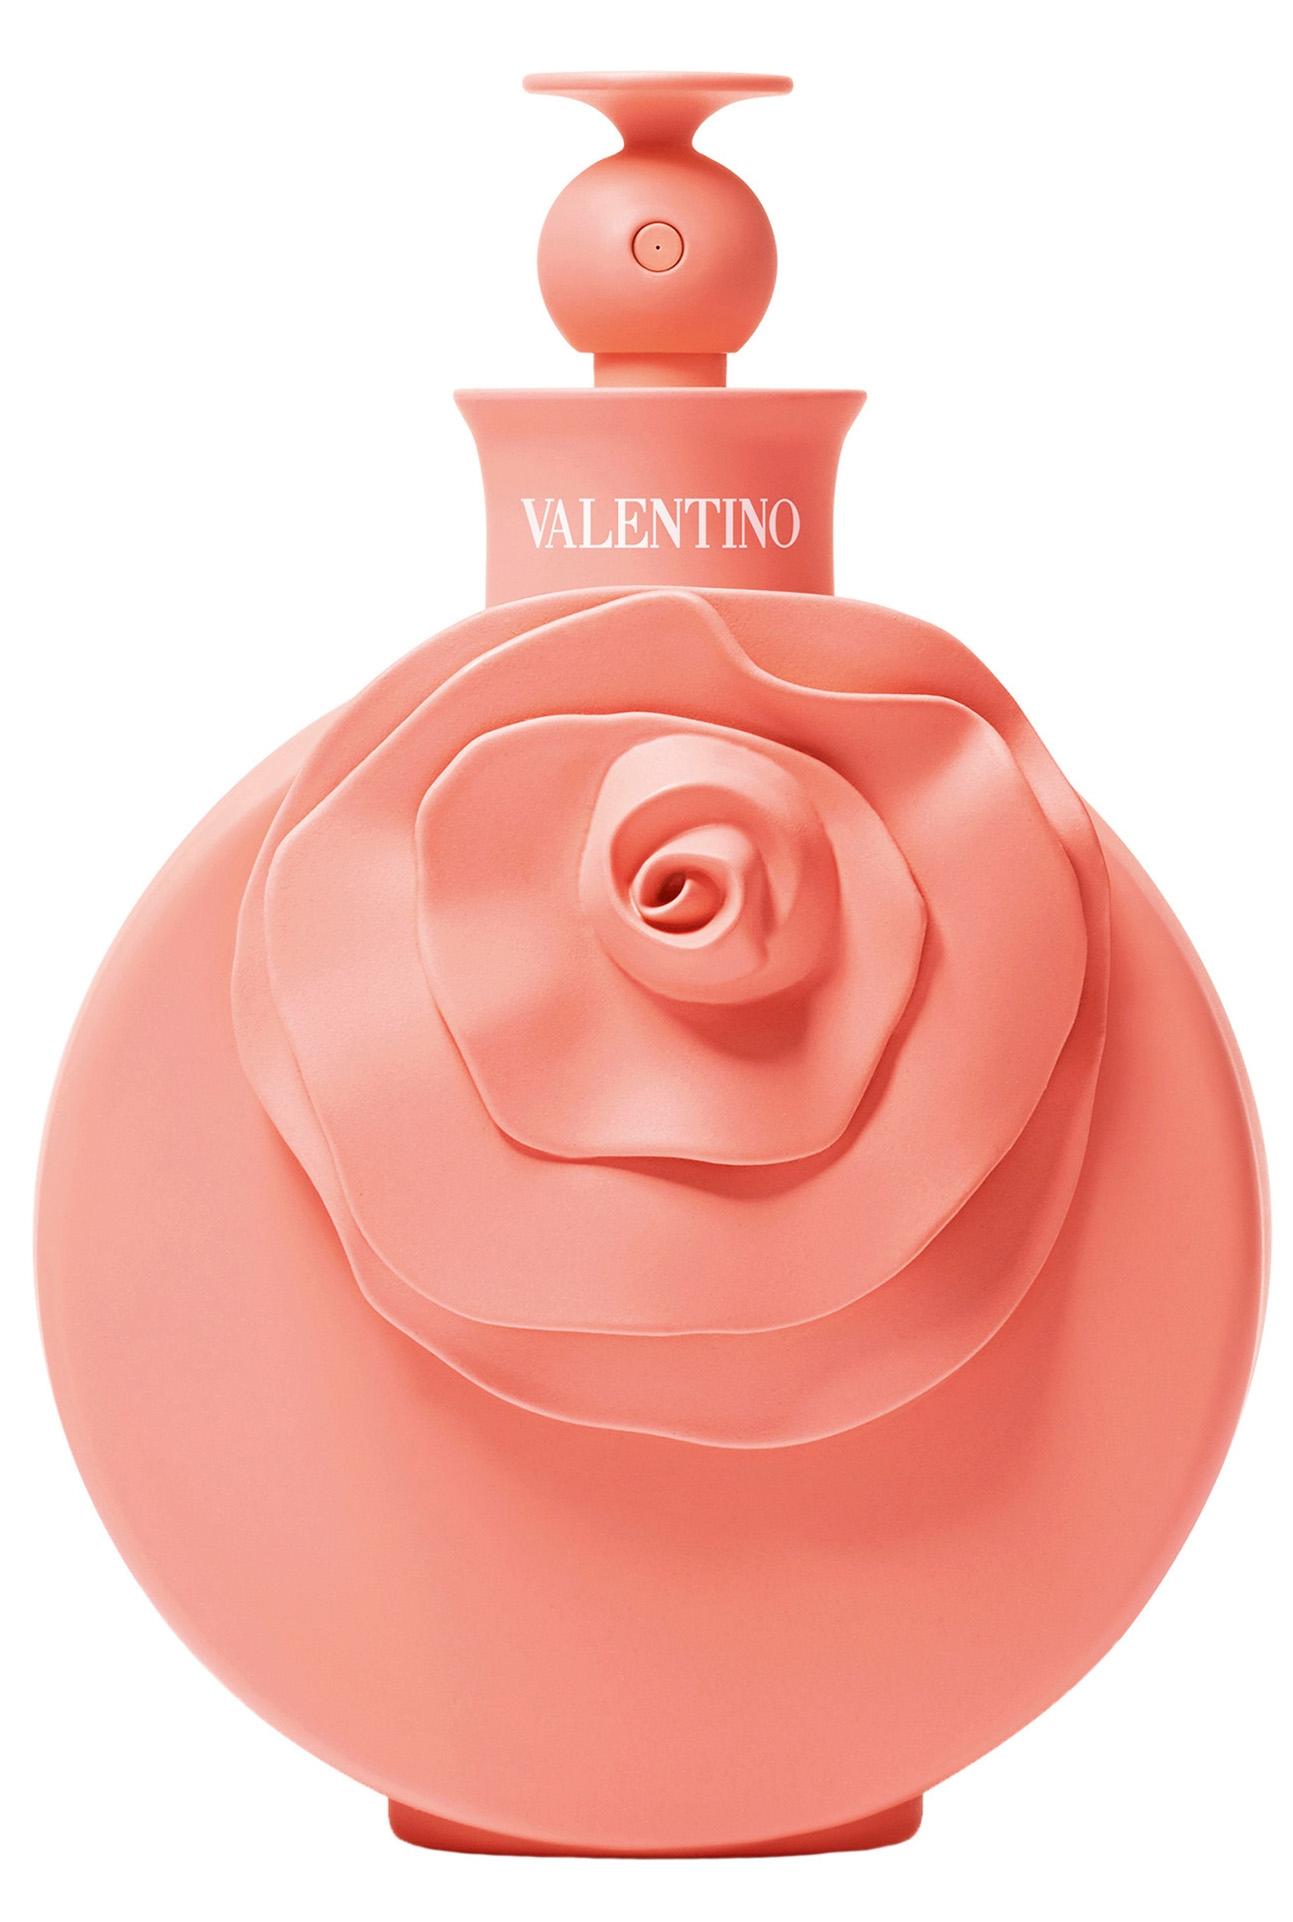 Valentino Valentina Blush (W) edp 50ml